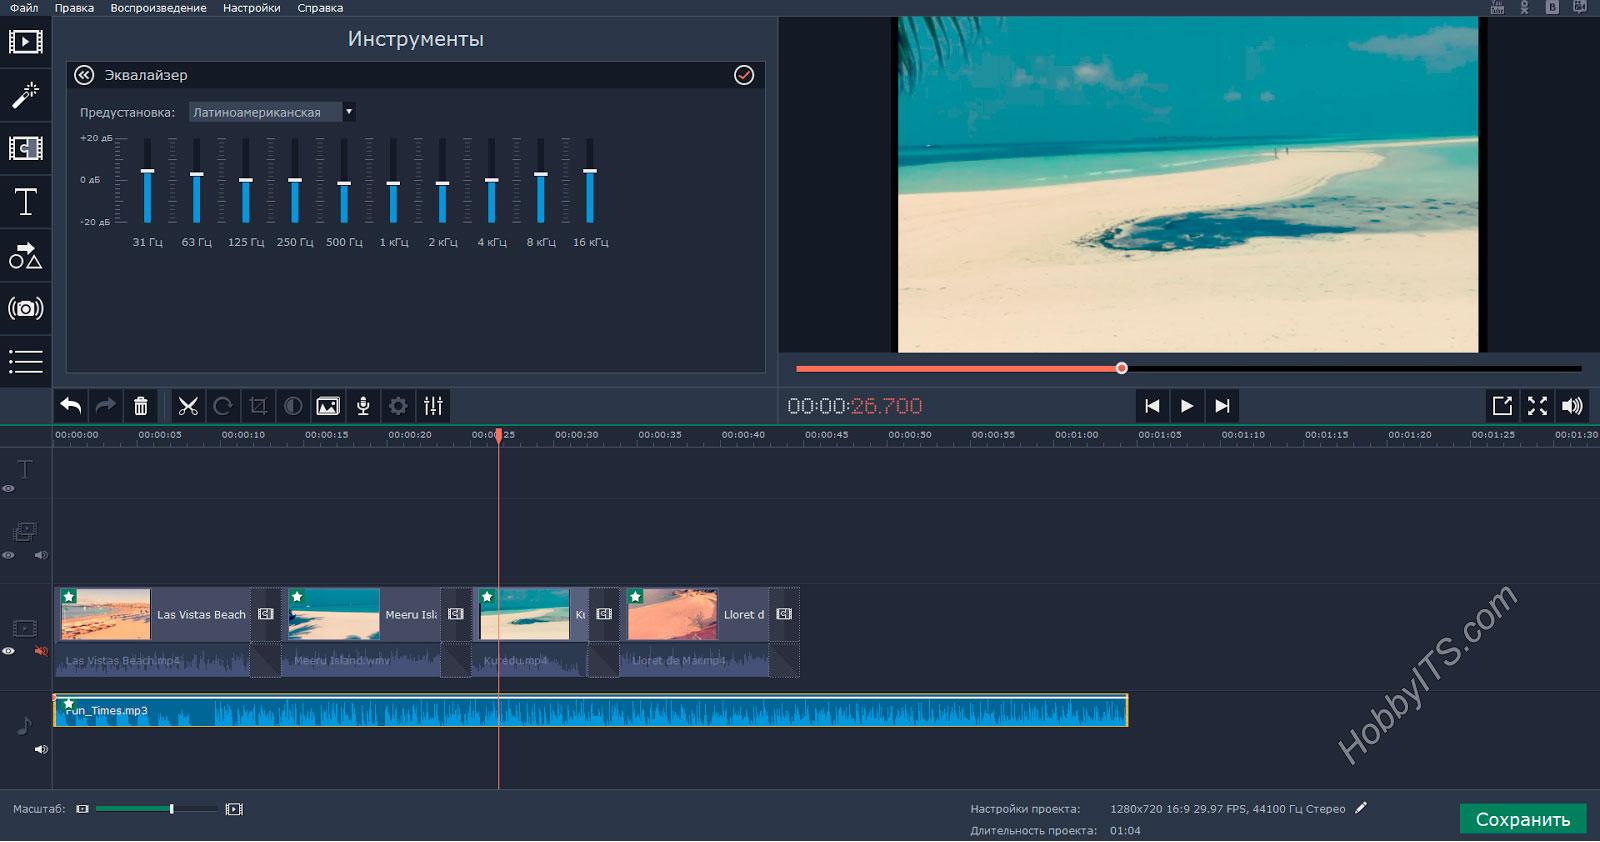 Наличие инструментов в программе для создания надписей и спецэффектов